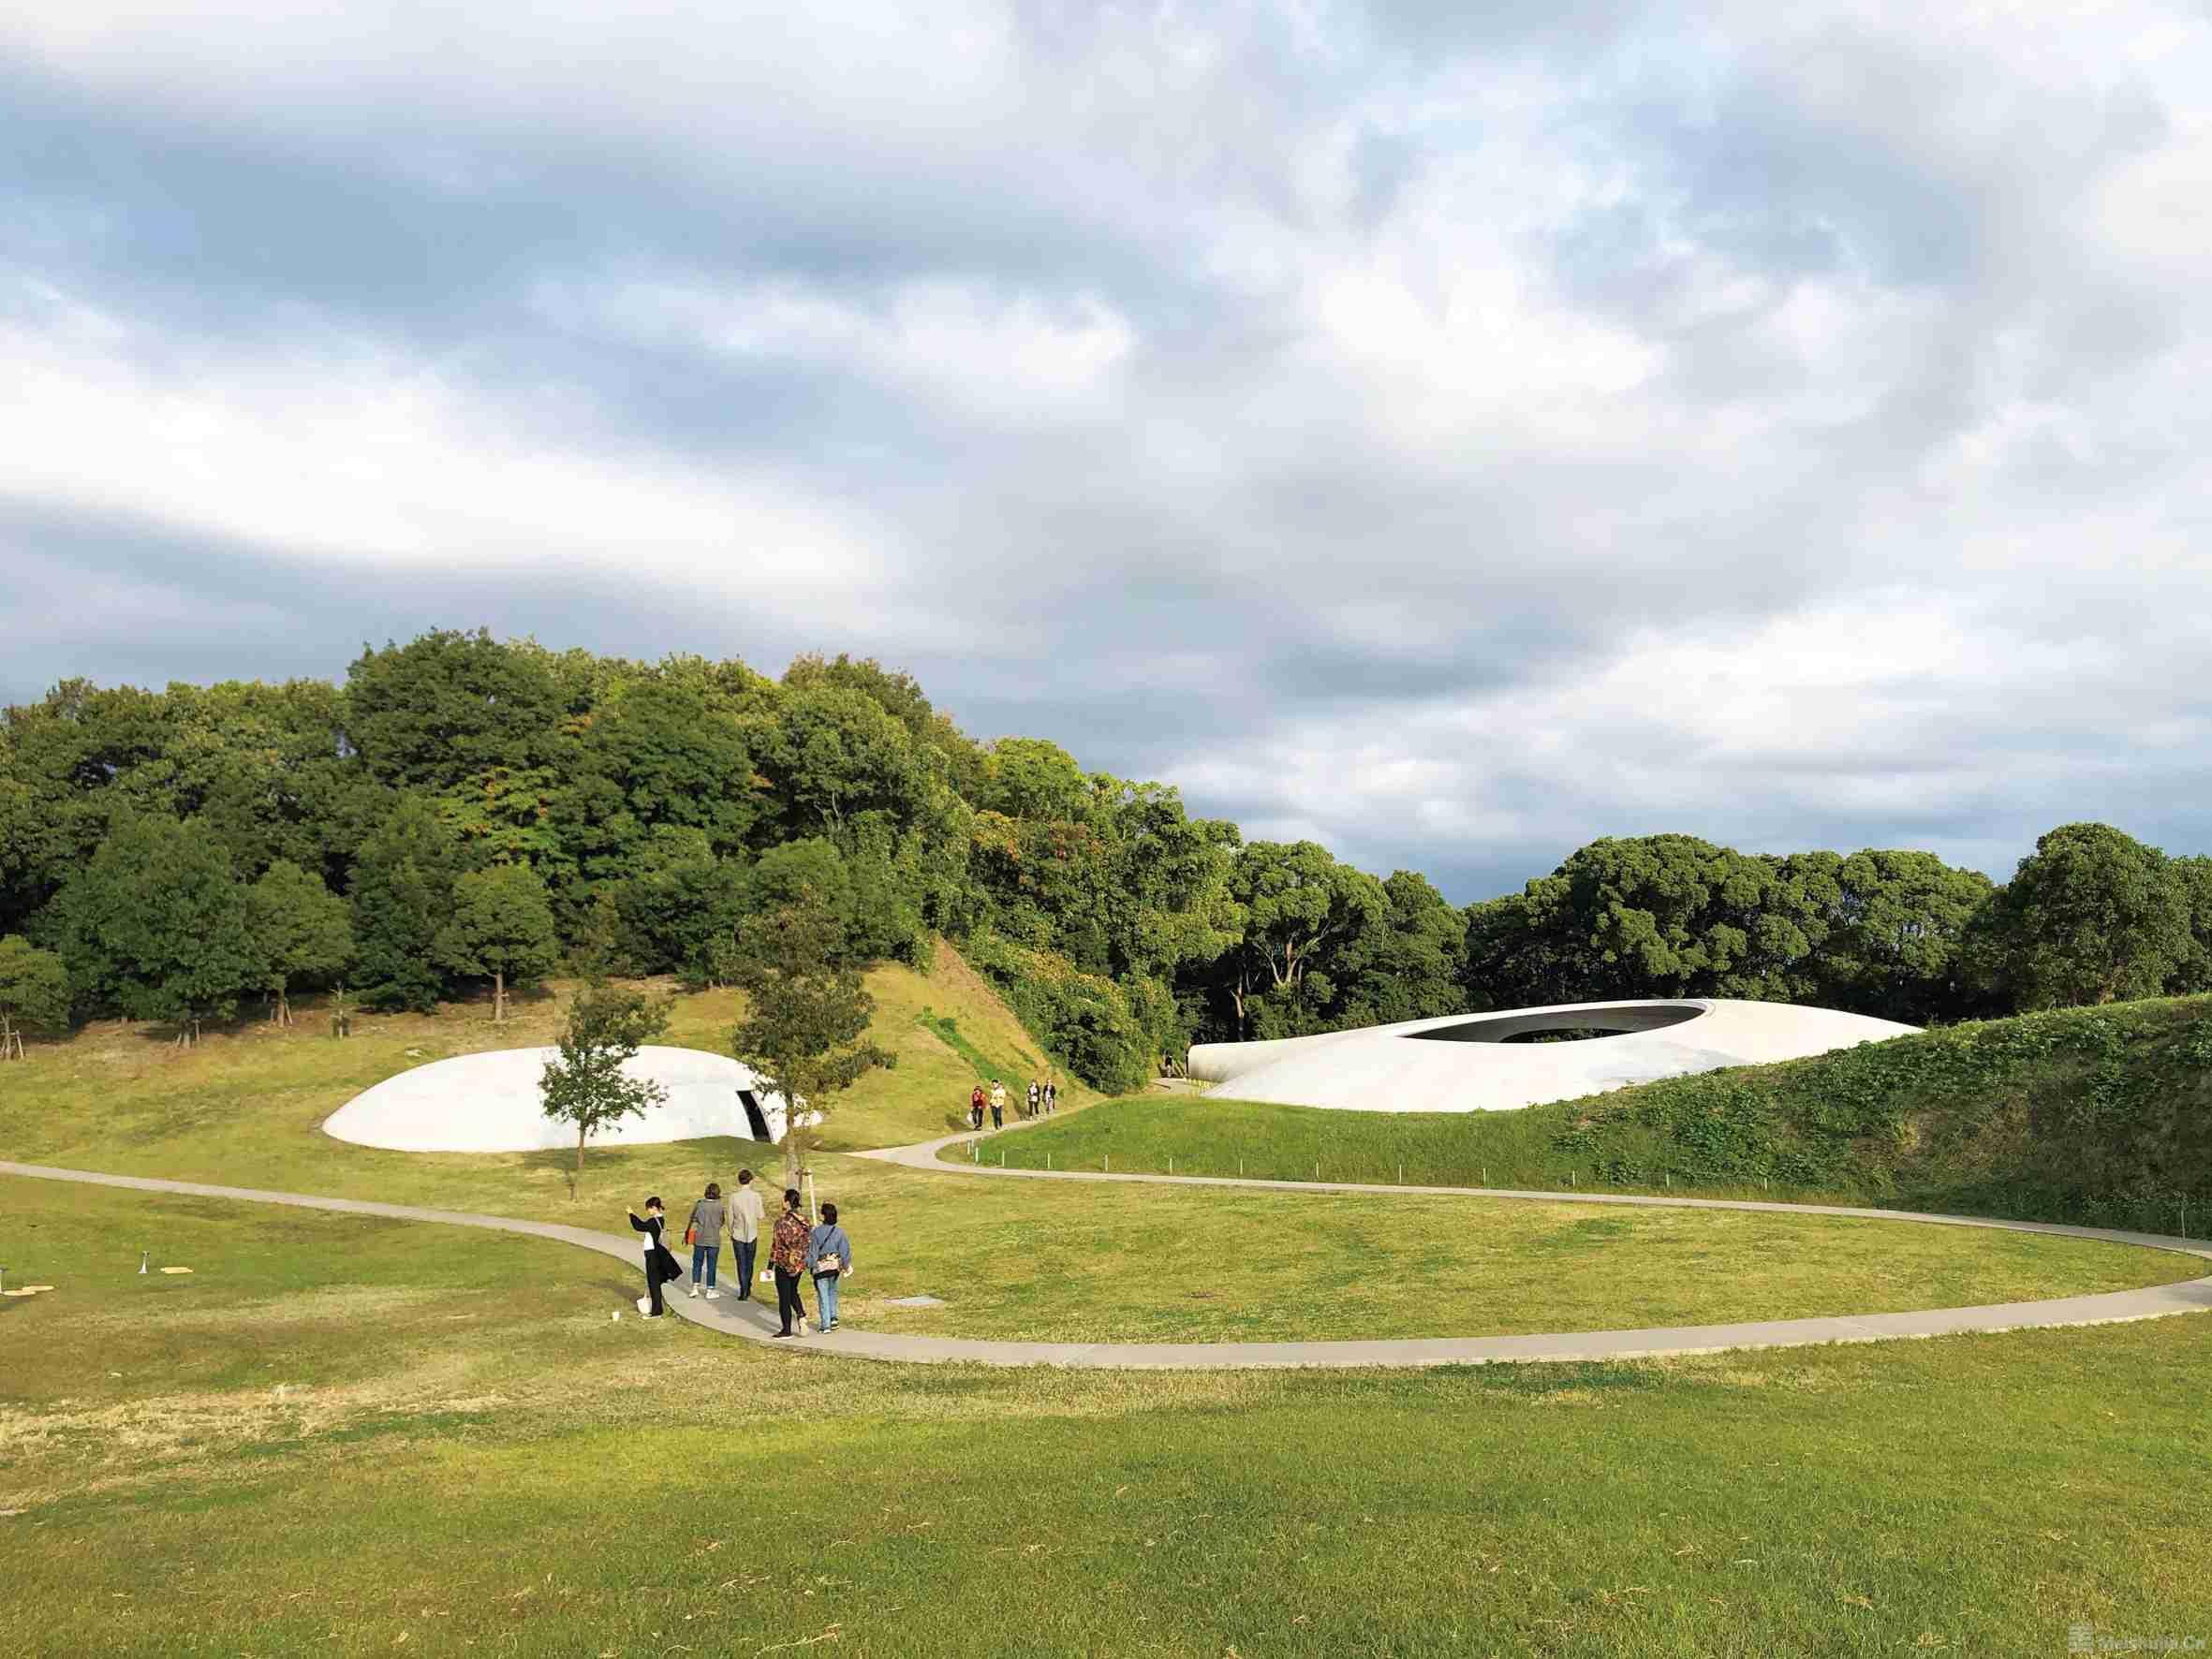 日本社区营造对中国艺术乡建的启示